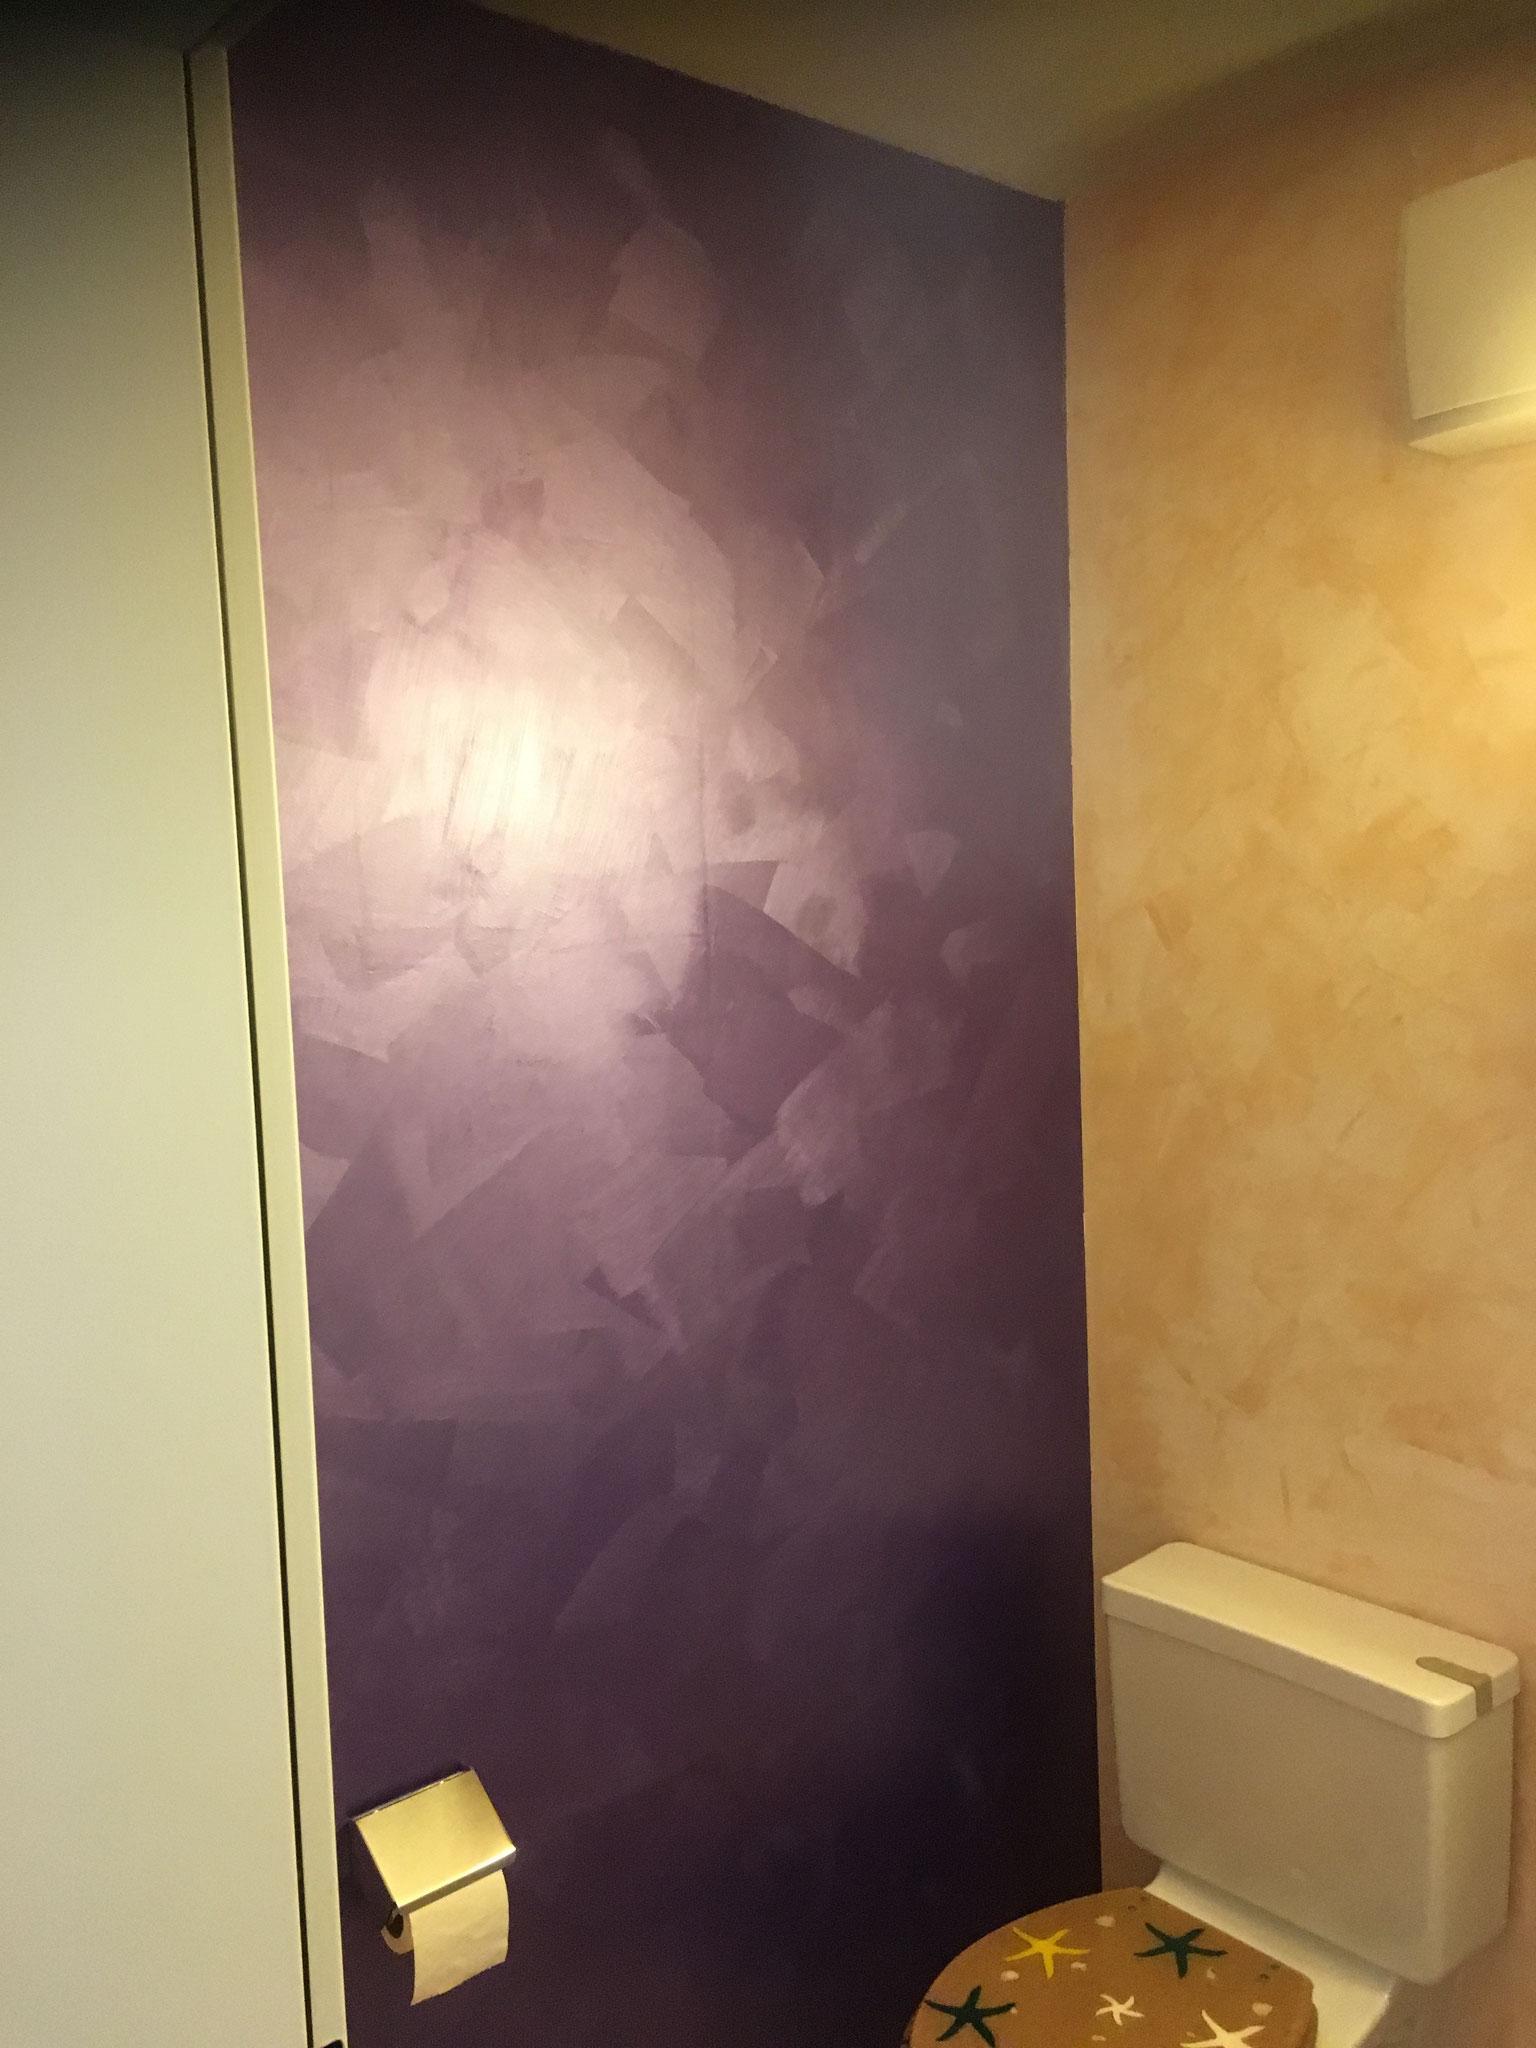 """Die anliegende Wand ist mit dem System """"Sabulador-Soft"""", im Farbton """"Violett"""" gestaltet. Die leicht sandige Oberfläche und der Glanz gibt der Wand einen speziellen Touch."""